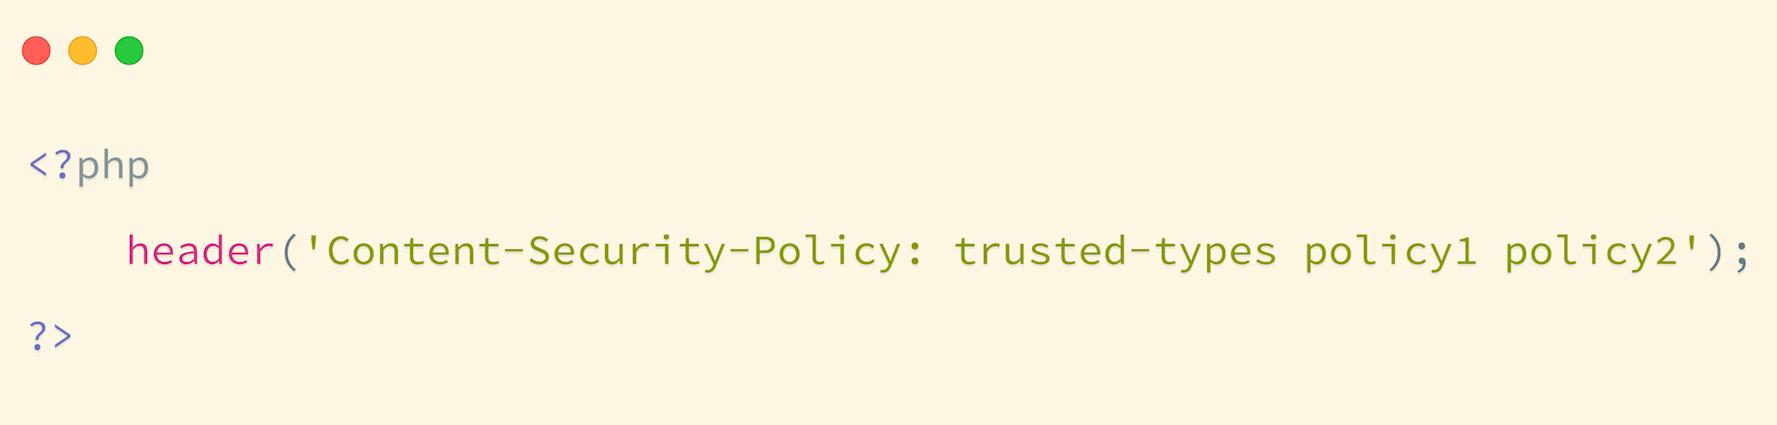 Obsługa wielu polityk Trusted Types